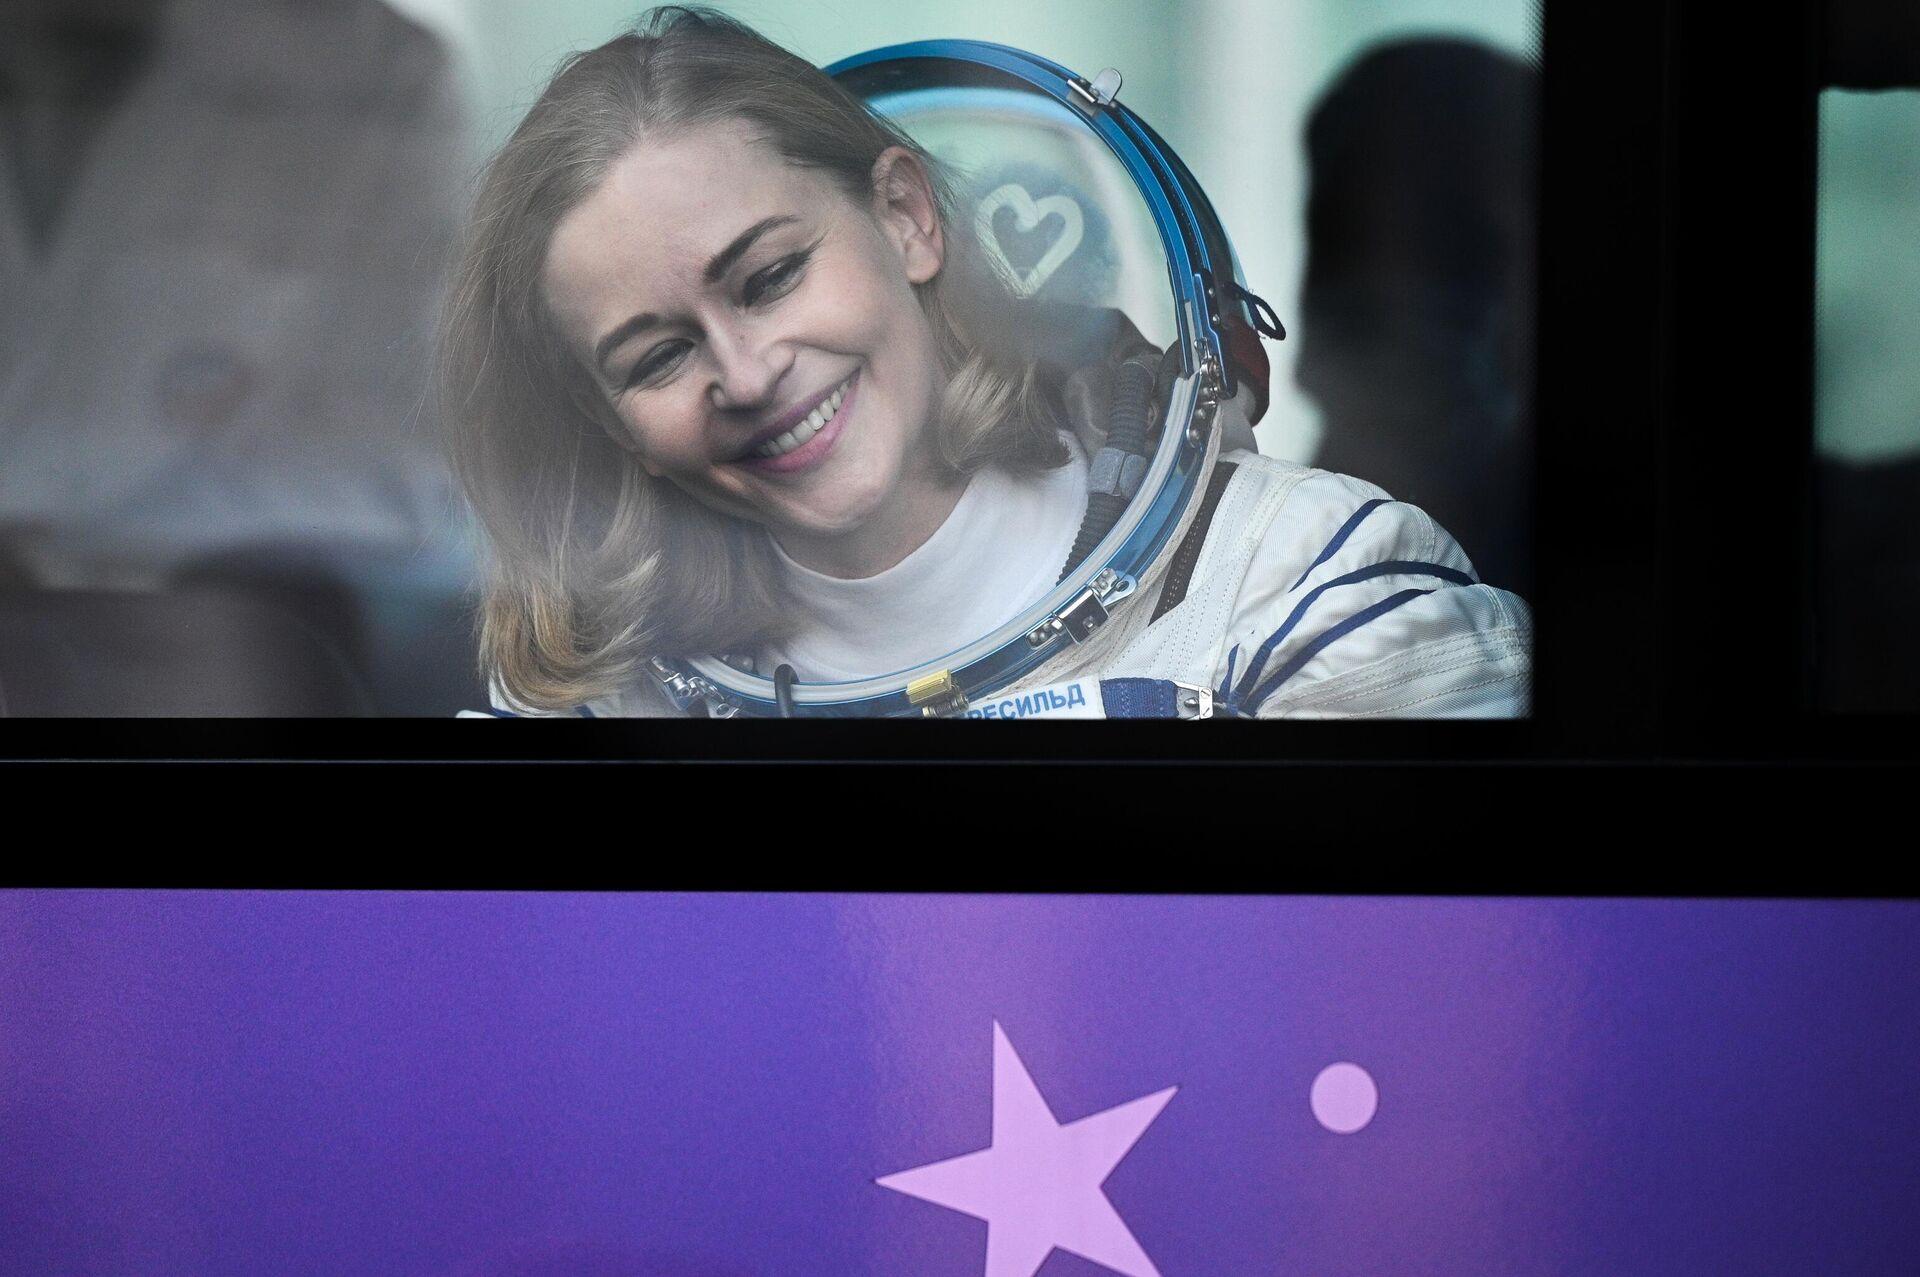 Член основного экипажа 66-й экспедиции на Международную космическую станцию актриса Юлия Пересильд перед стартом космического корабля Союз МС-19 на космодроме Байкону - Sputnik Azərbaycan, 1920, 05.10.2021